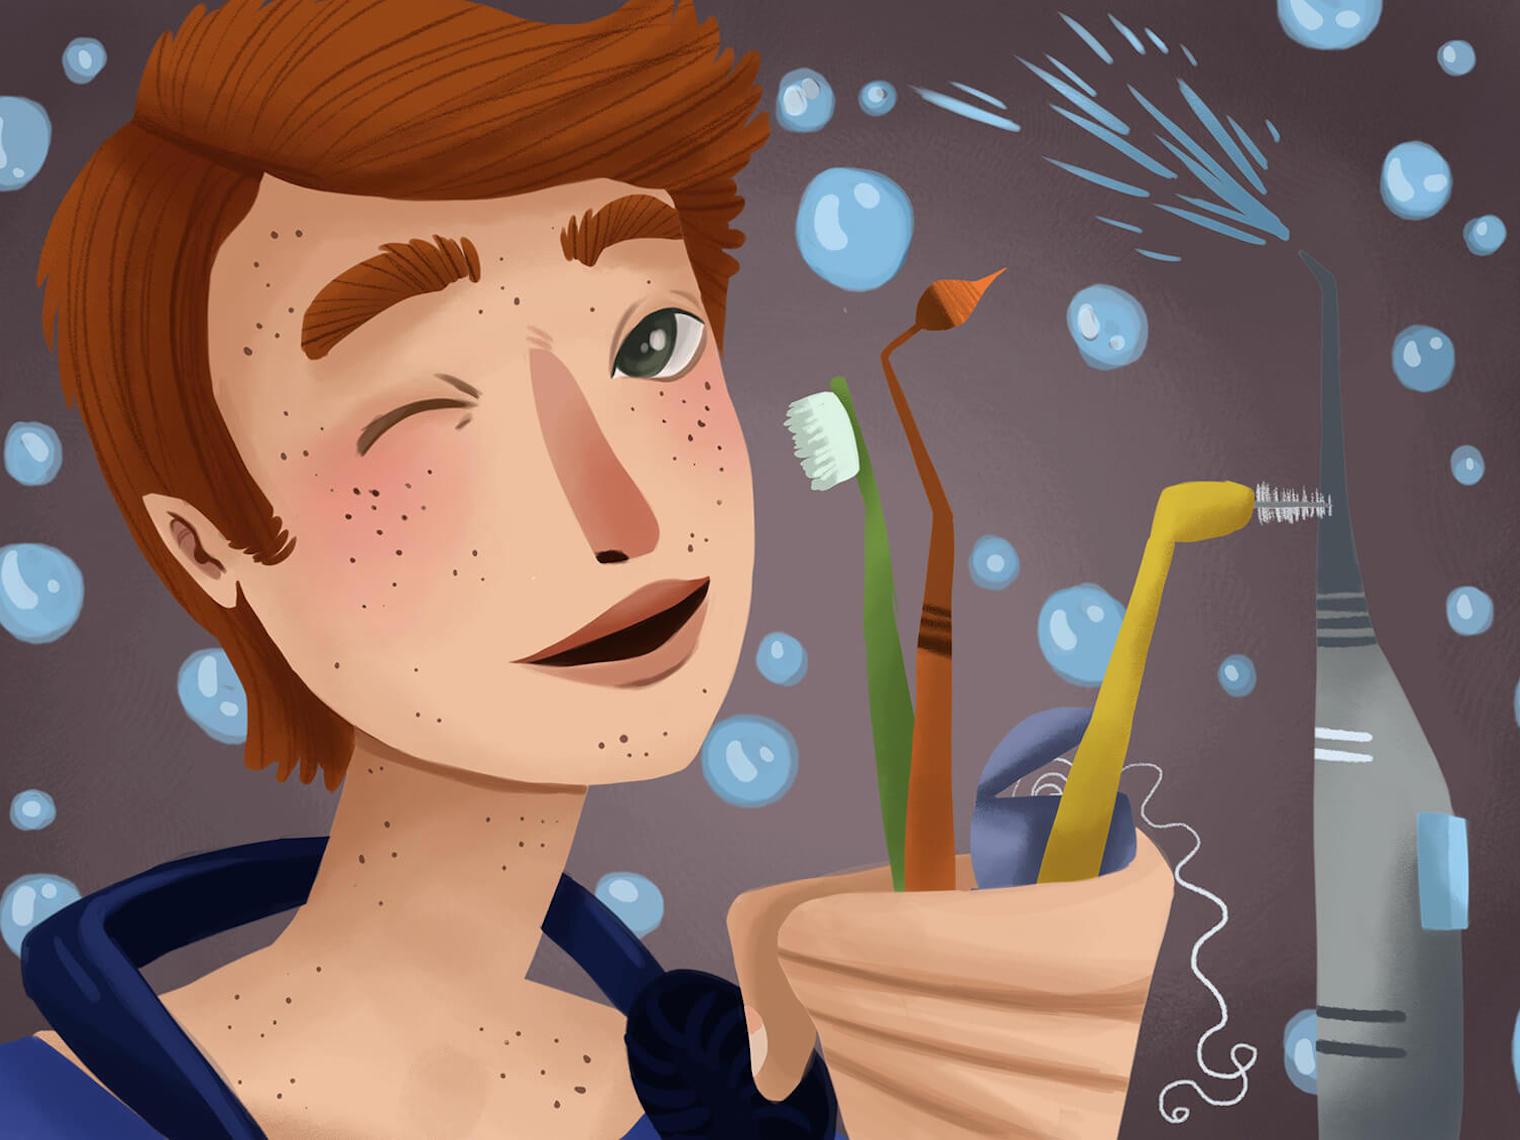 洗牙其實是俗稱,正式的說法是「結石刮除」,就是把牙齒與牙齦一帶積存的牙結石清除掉。牙結石一開始是乳白色物質、較軟,填塞在牙縫(就是我們常見的,一整天工作在外沒刷牙,回到家時,發現牙齦與牙縫之間那個白白的東西)。